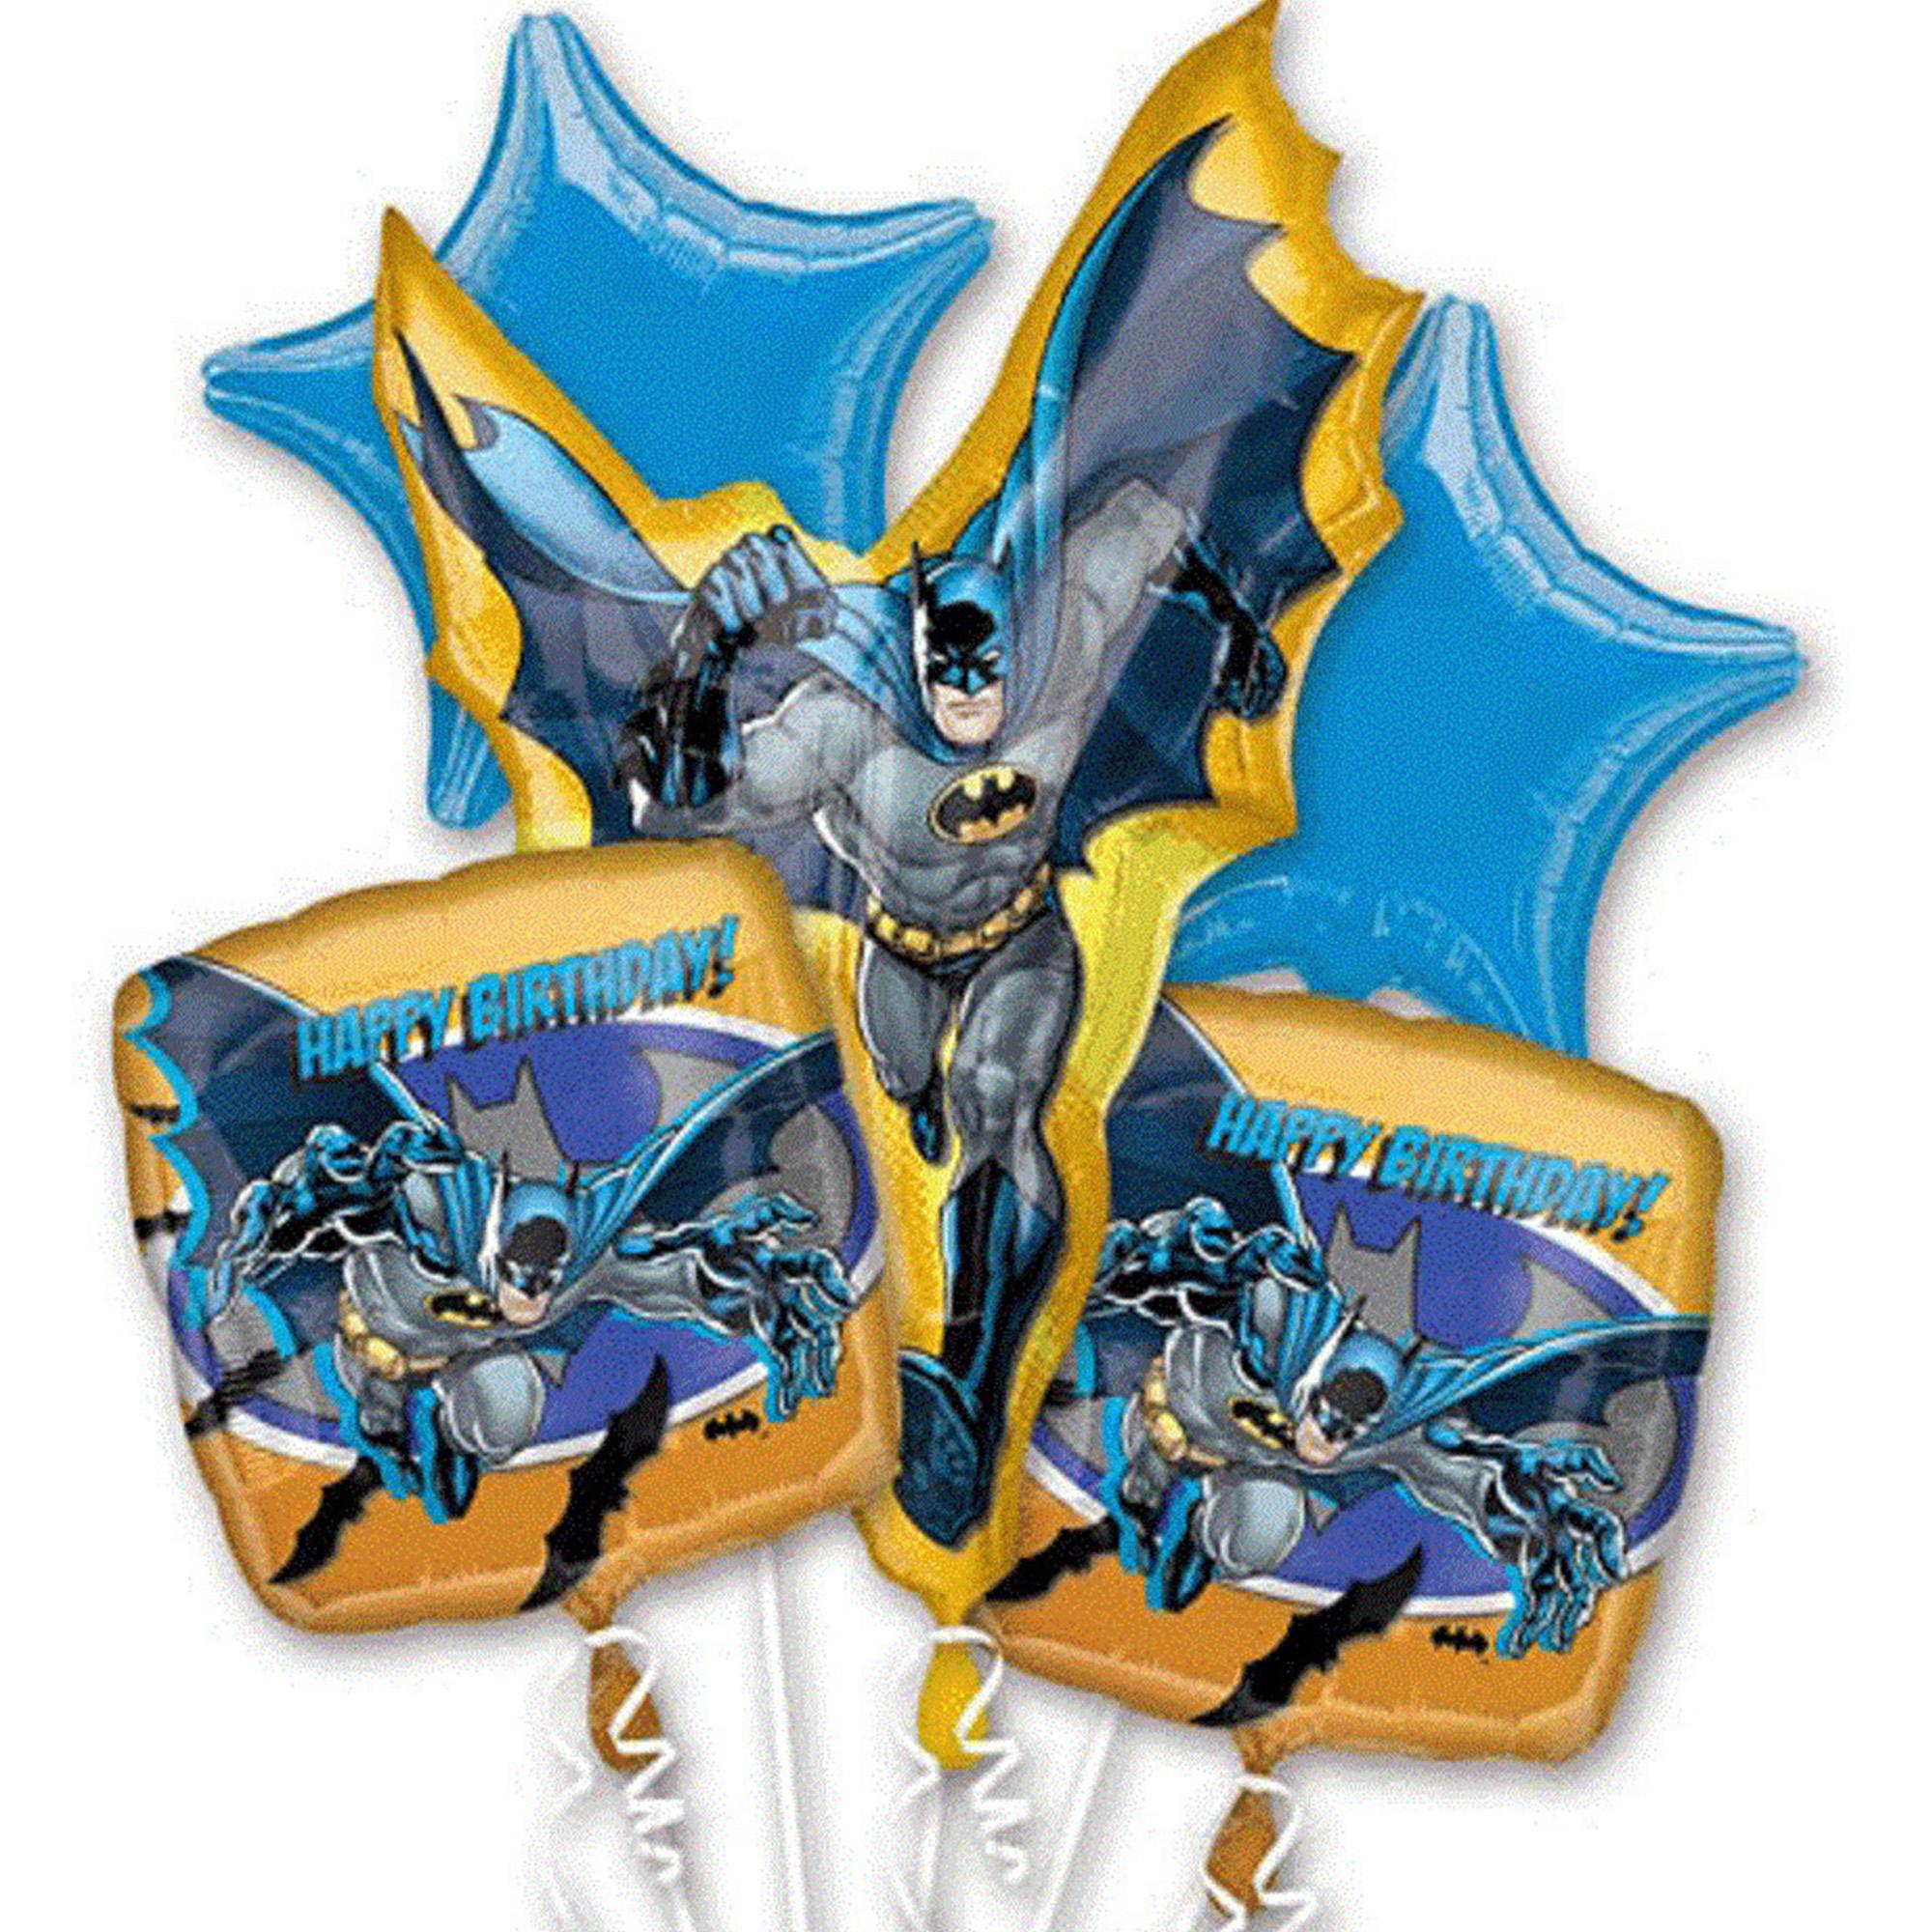 Batman Character Authentic Licensed Theme Foil Balloon Bouquet